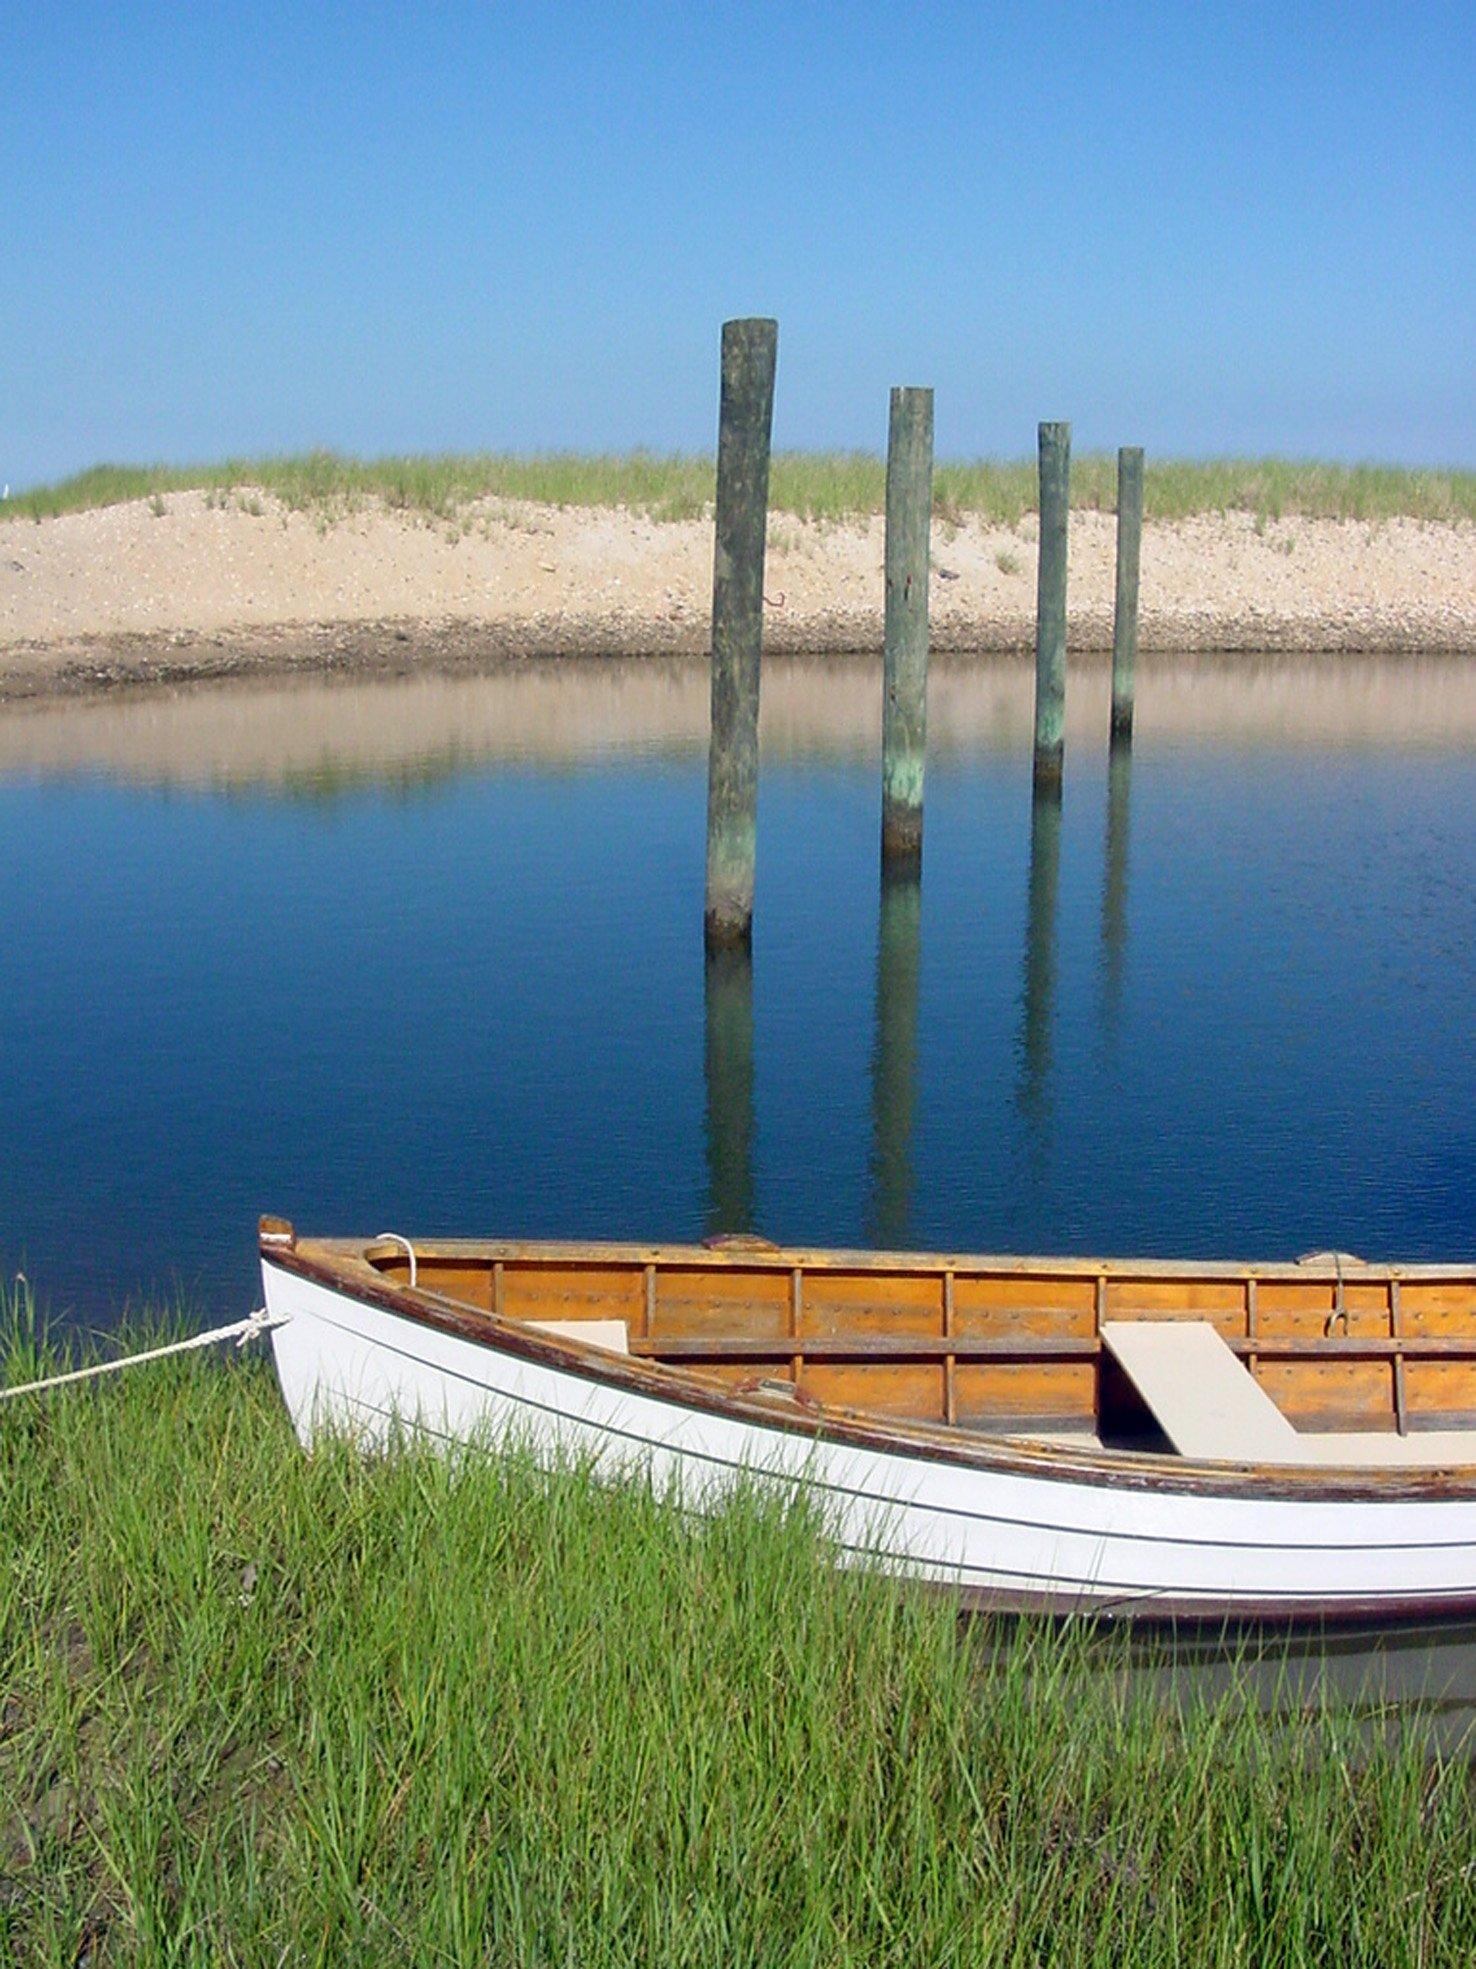 西提斯伯里宁静的泻湖水域。照片:Heather Goff